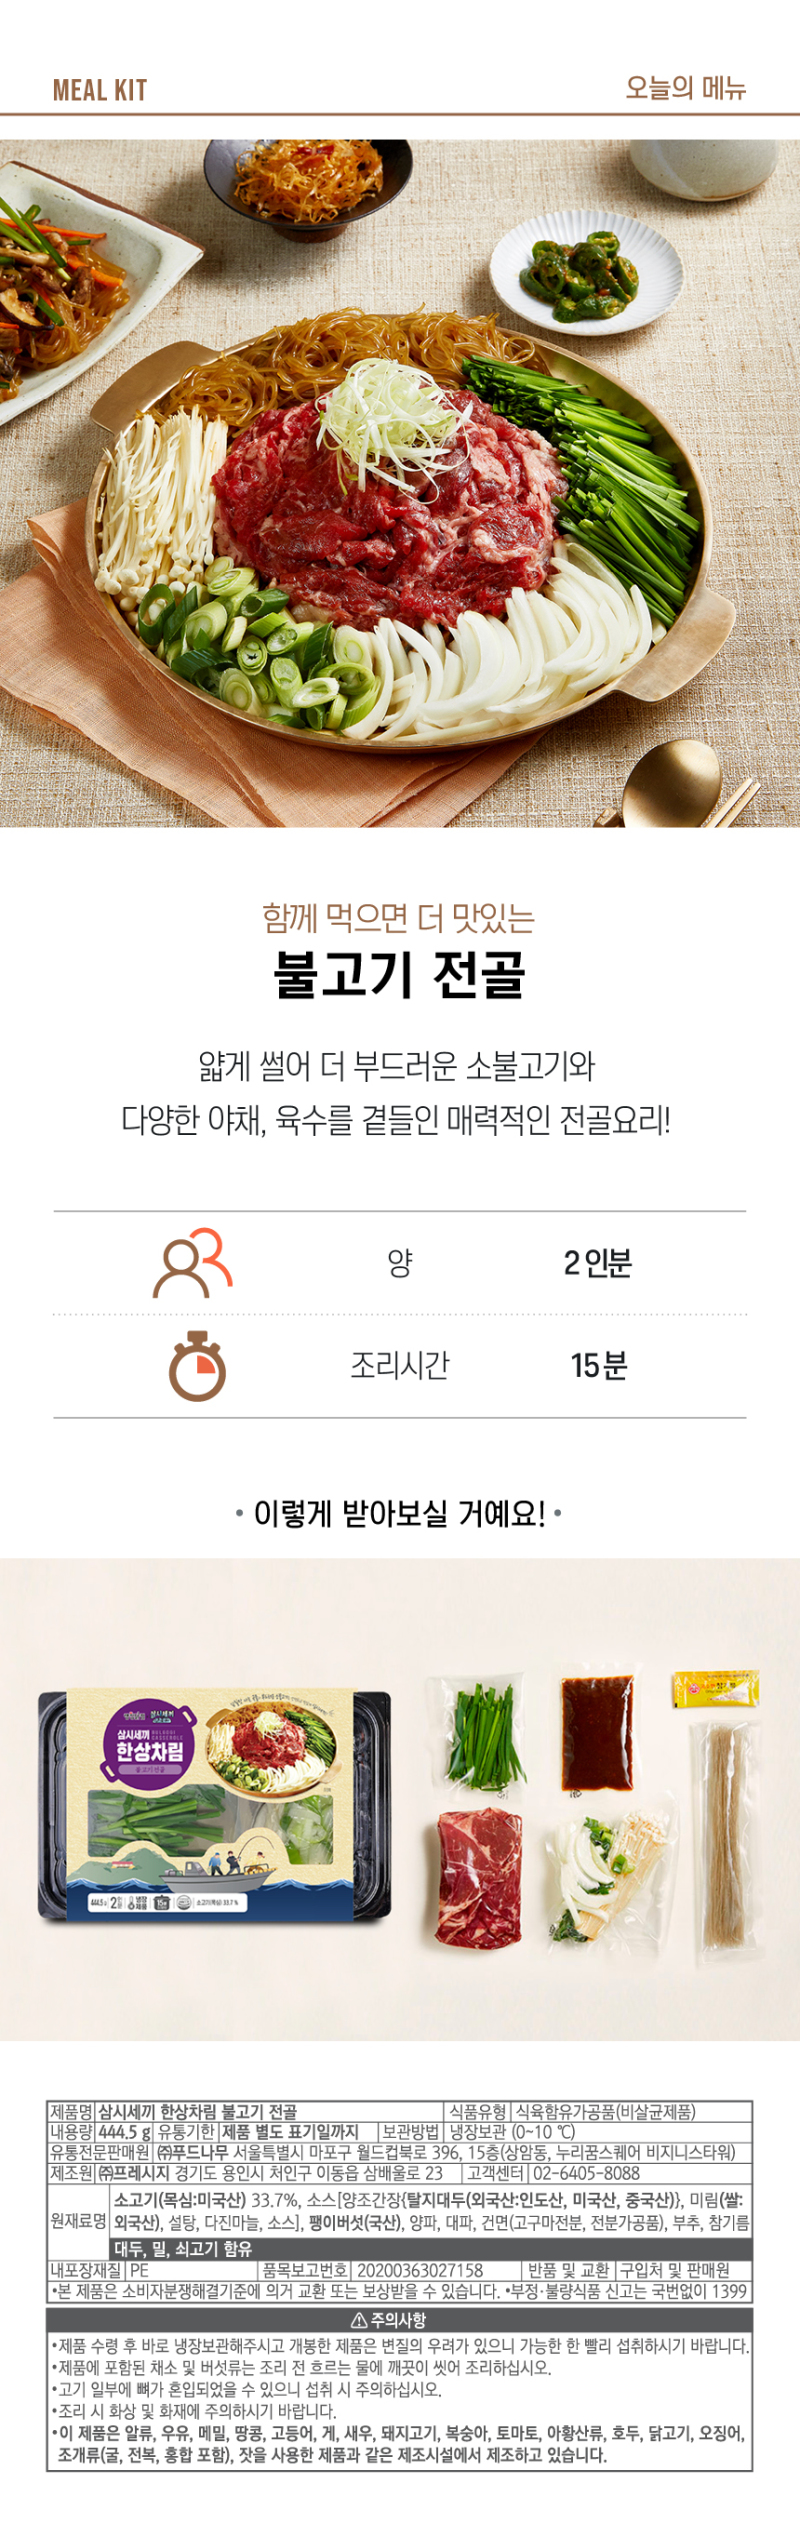 프레시지 서울식 불고기 전골